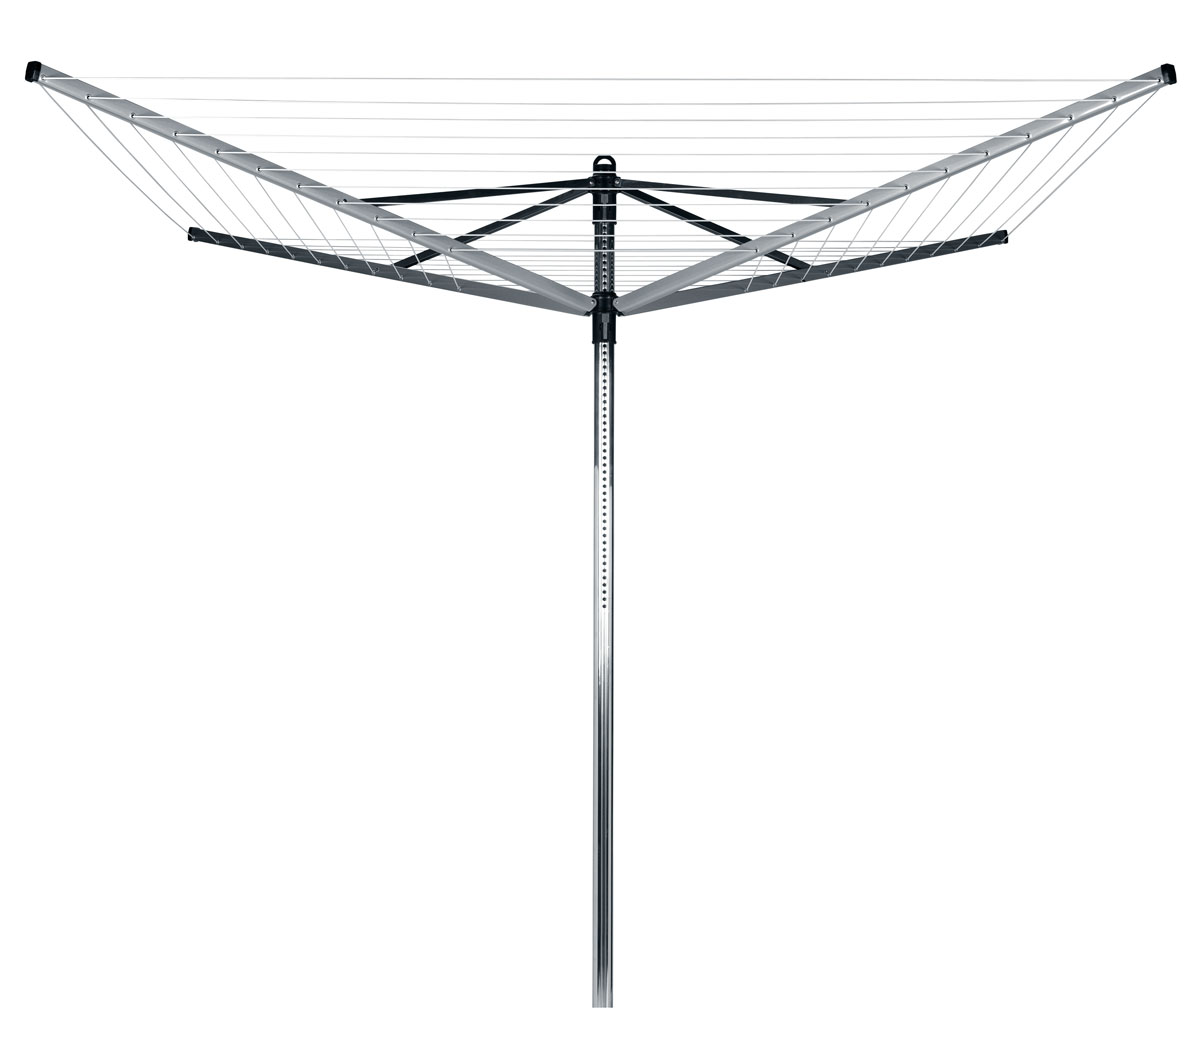 Сушилка для белья Brabantia Lift-O-Matic, уличная, цвет: серый, 40 м. 311000 brabantia комплект бельевой веревки 12 м белый